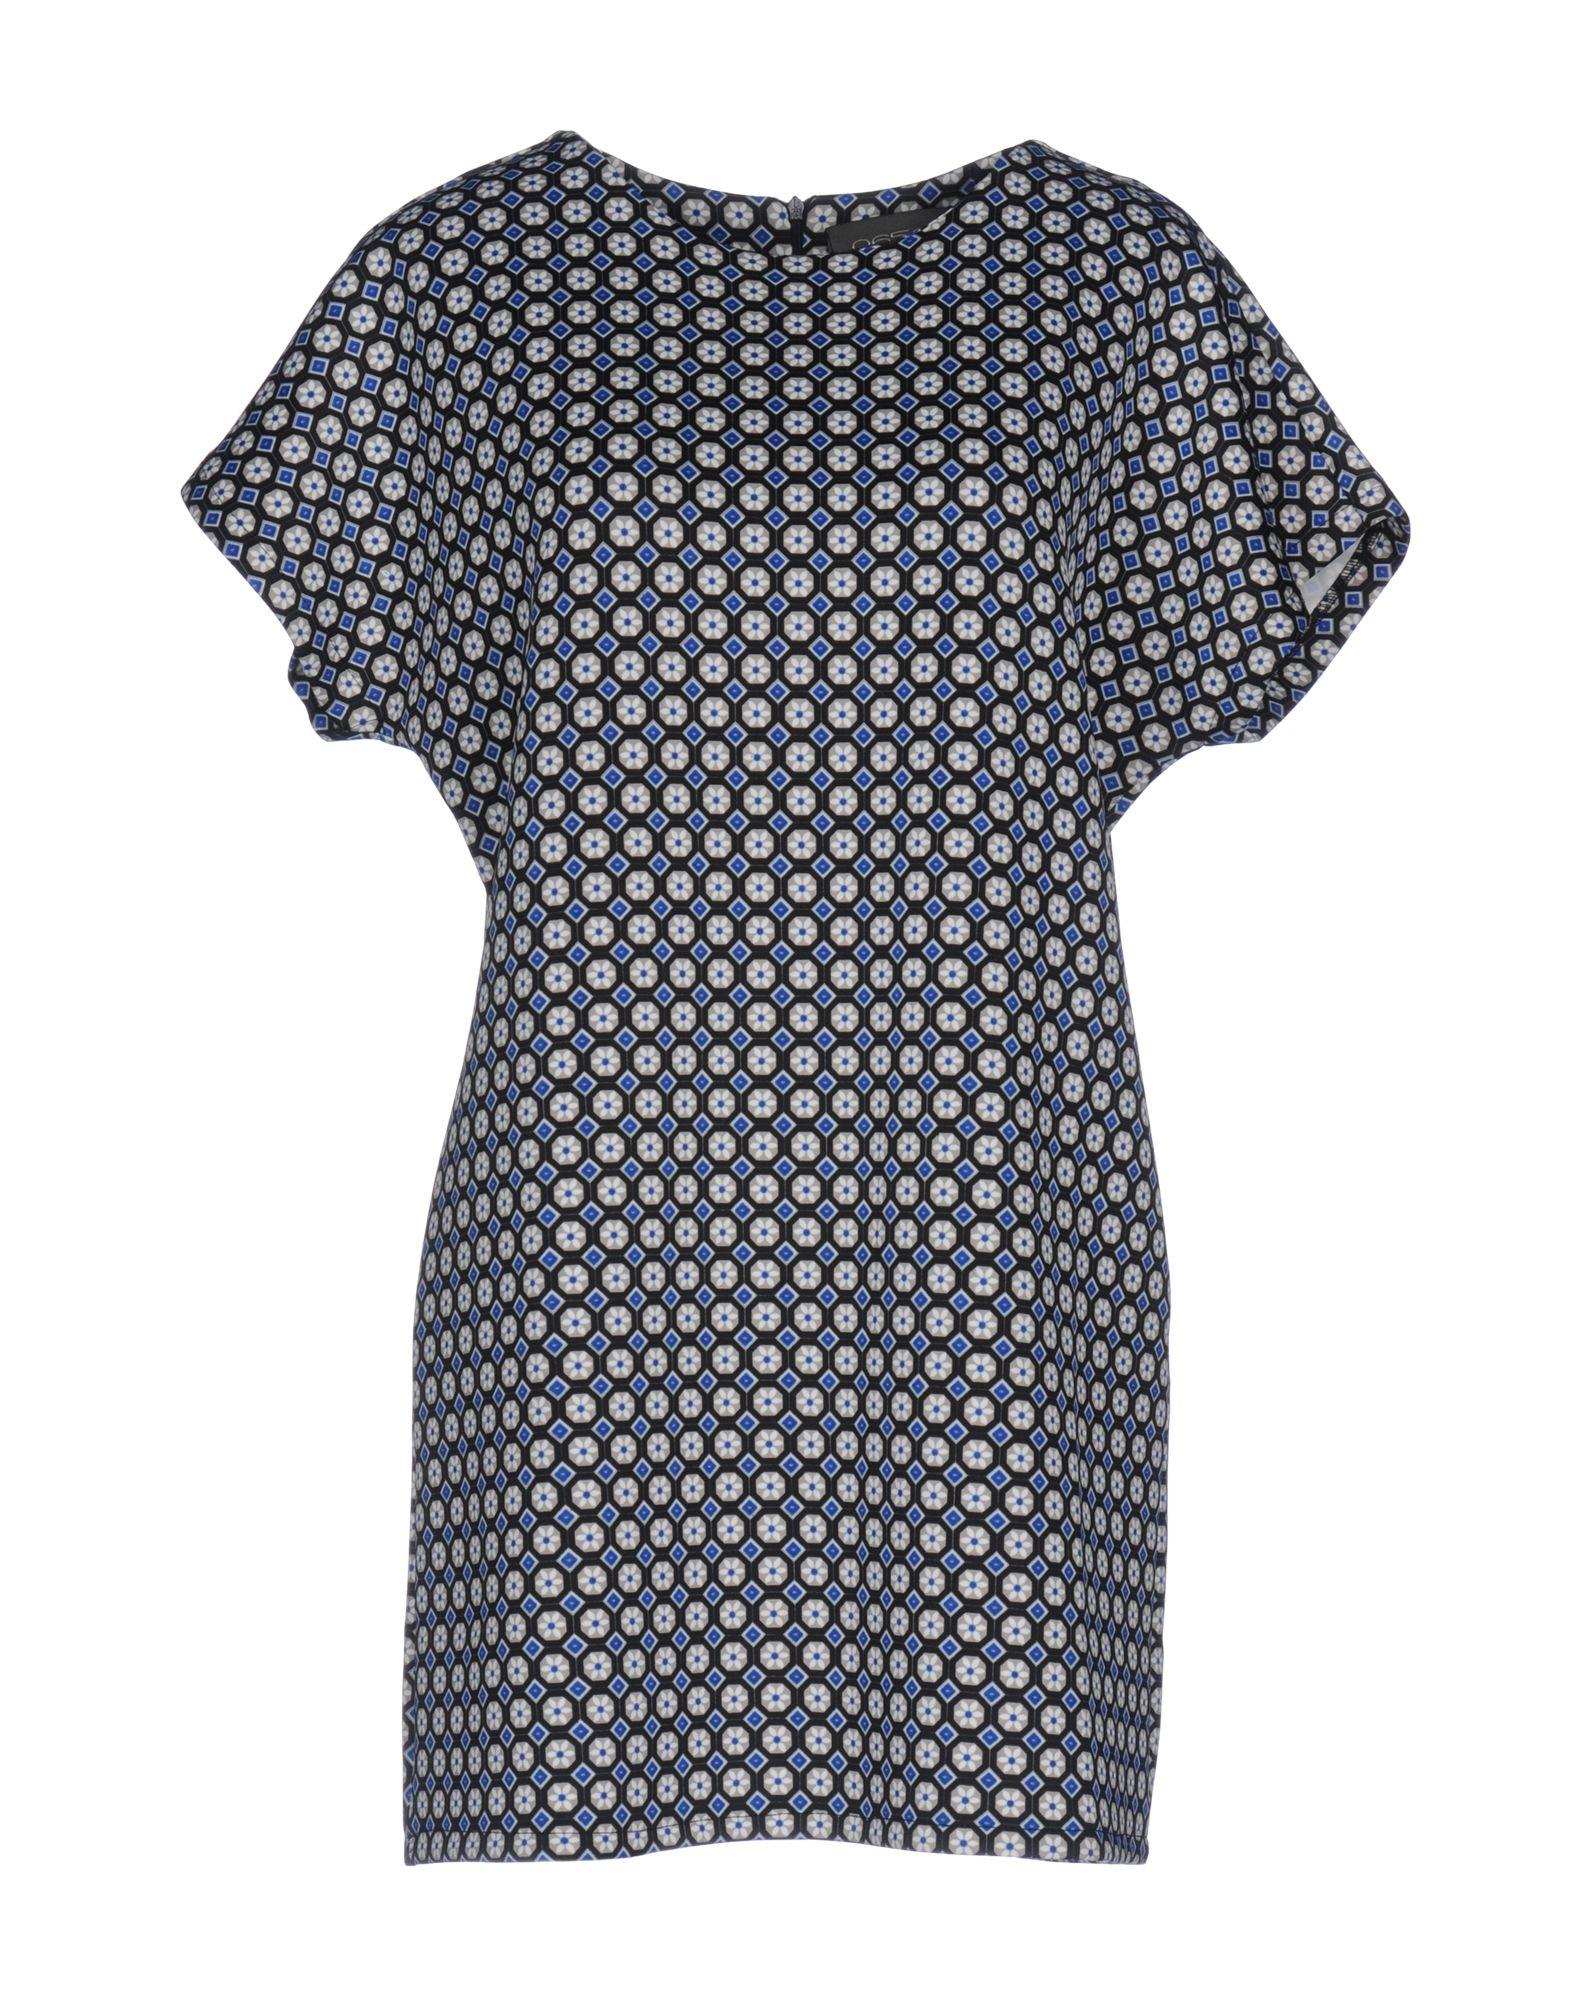 06565 Короткое платье наборы для вышивания сделай своими руками набор для творчества четвероногие друзья